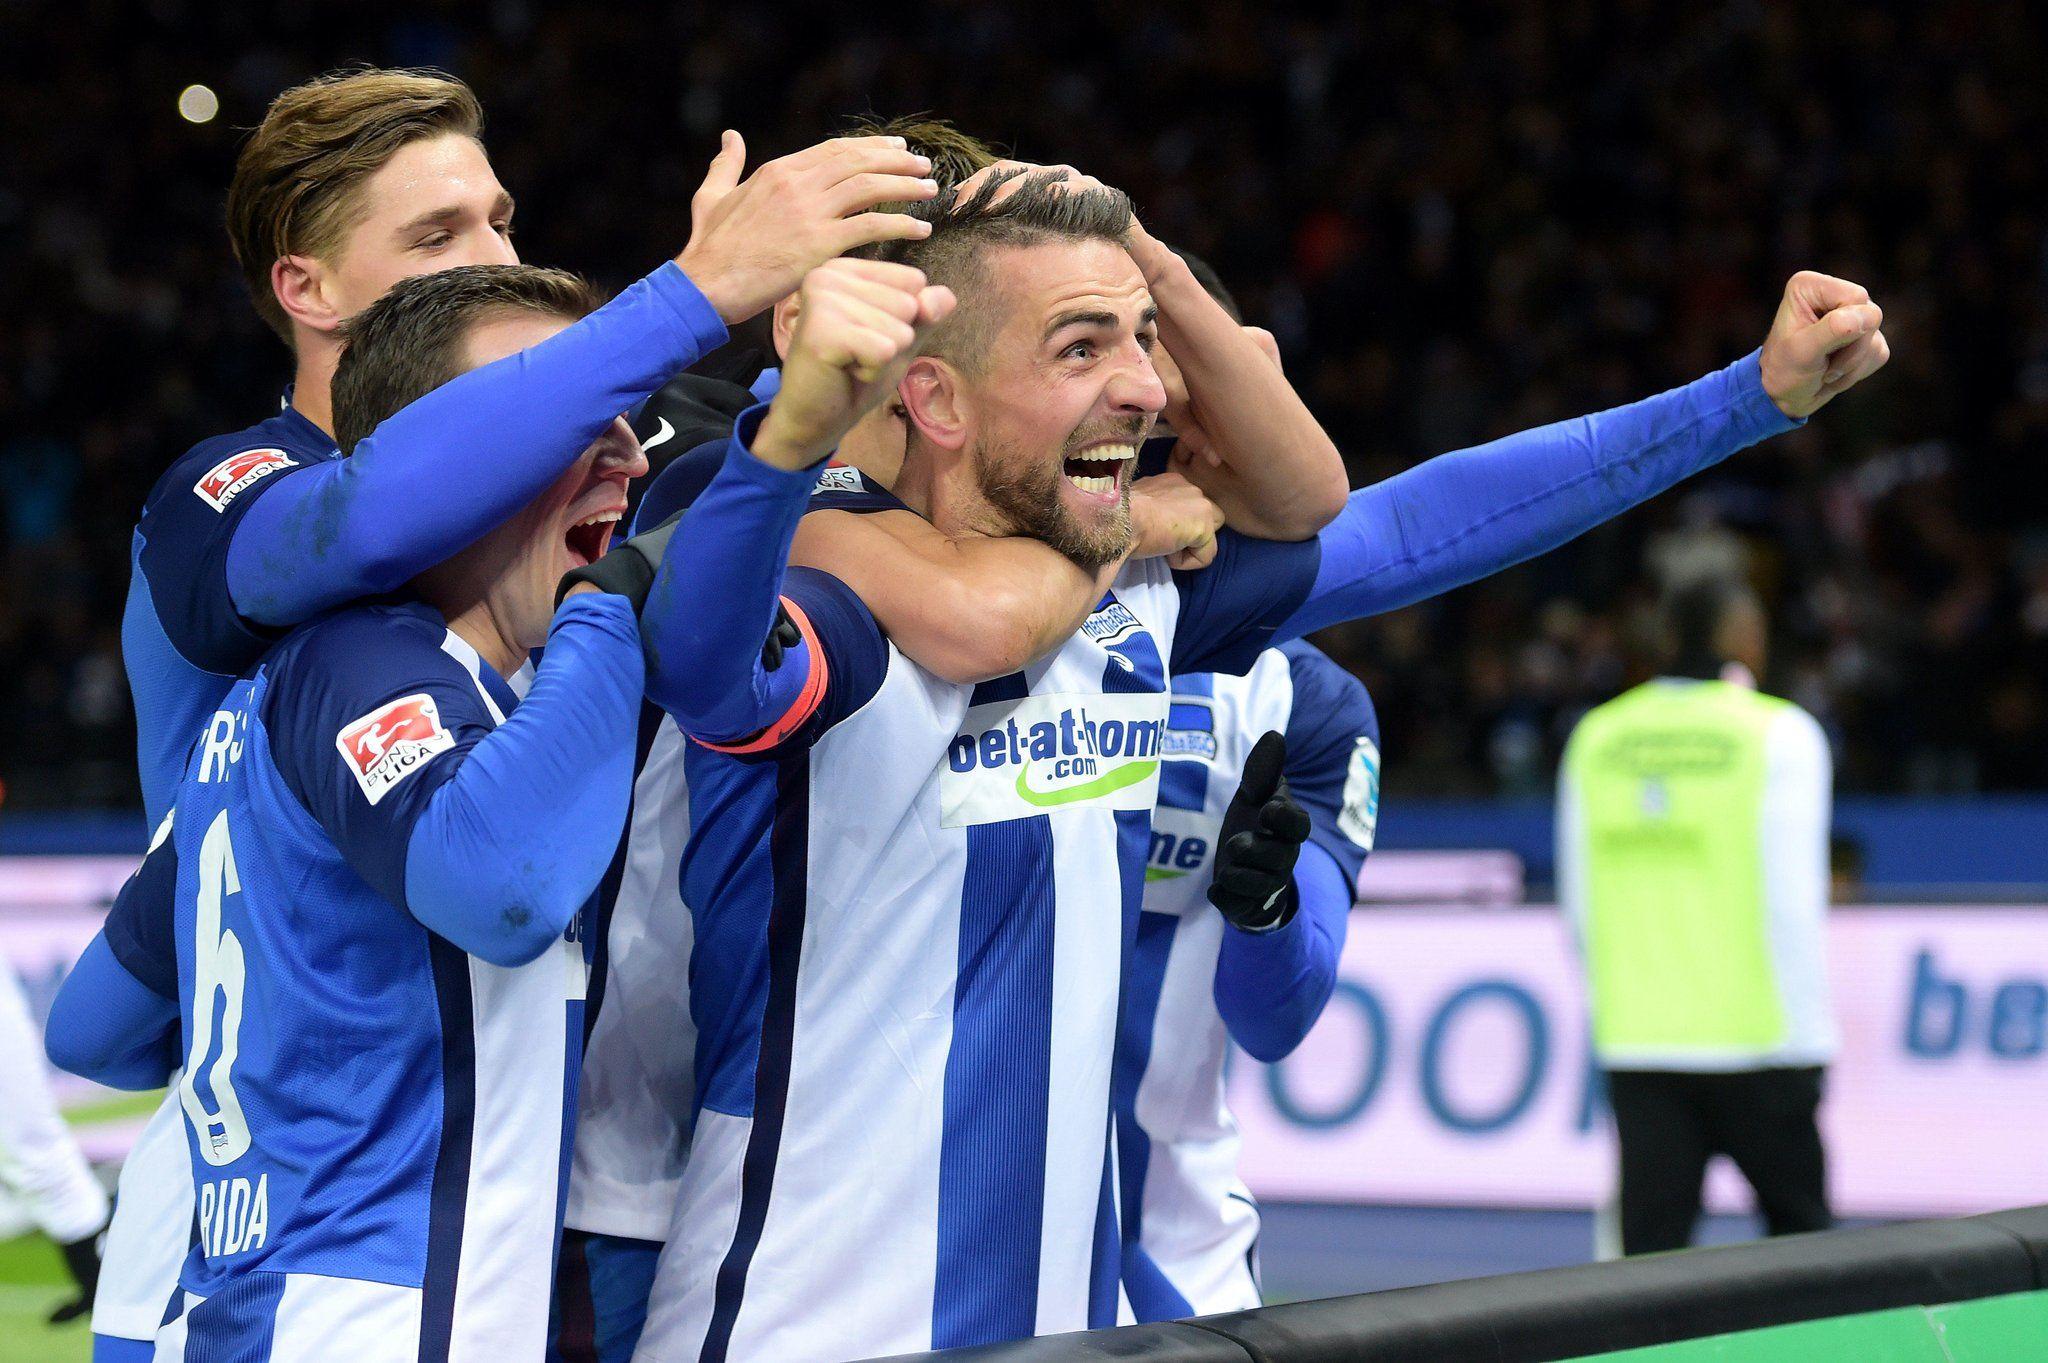 12 freie Tage für unsere Profis - Zeit um auf 12 Pflichtspielsiege zurückzublicken  10. Sieg: Hertha vs. Mainz 2 https://t.co/a1L1vjh7Ow